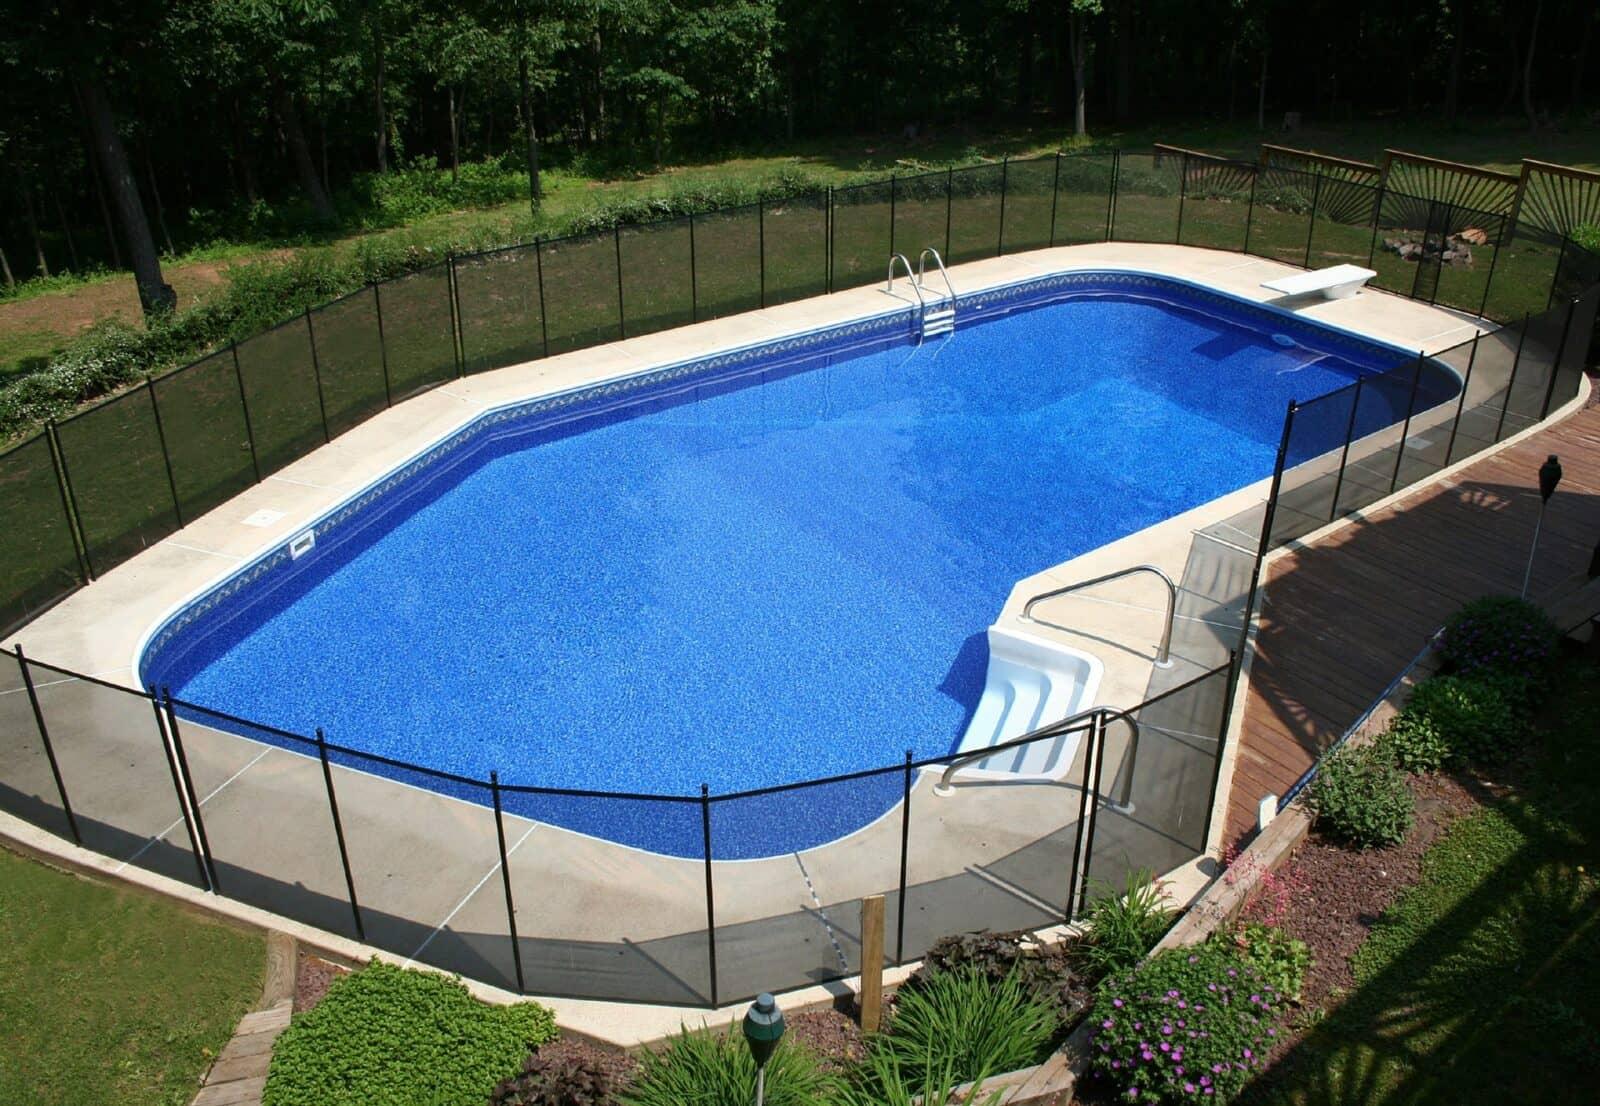 Swimming Pools #008 By Buchmyer's Pools.jpg-min-min